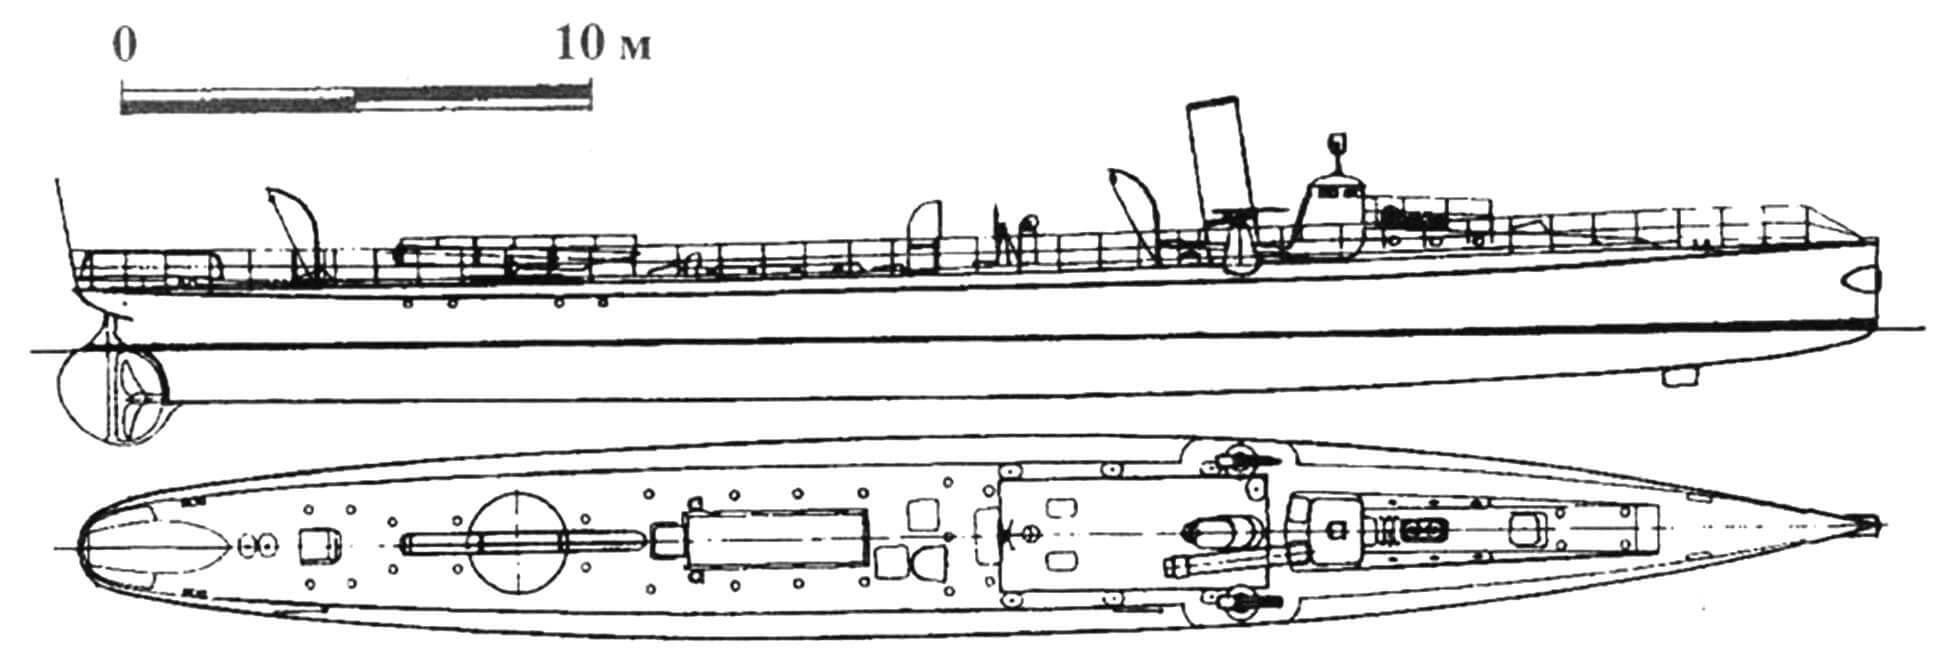 90. Миноносец «Гундул», Швеция, 1894 г. Строился на госверфи в Карлскроне. Водоизмещение нормальное 70 т, полное 86 т. Длина наибольшая 37,7 м, ширина 4,25 м, осадка 2,05 м. Мощность одновальной паросиловой установки 850 л.с., скорость на испытаниях 19,6 узла. Вооружение: два торпедных аппарата, две 25-мм пушки. Всего построено две единицы: «Гундул» и «Гудур».